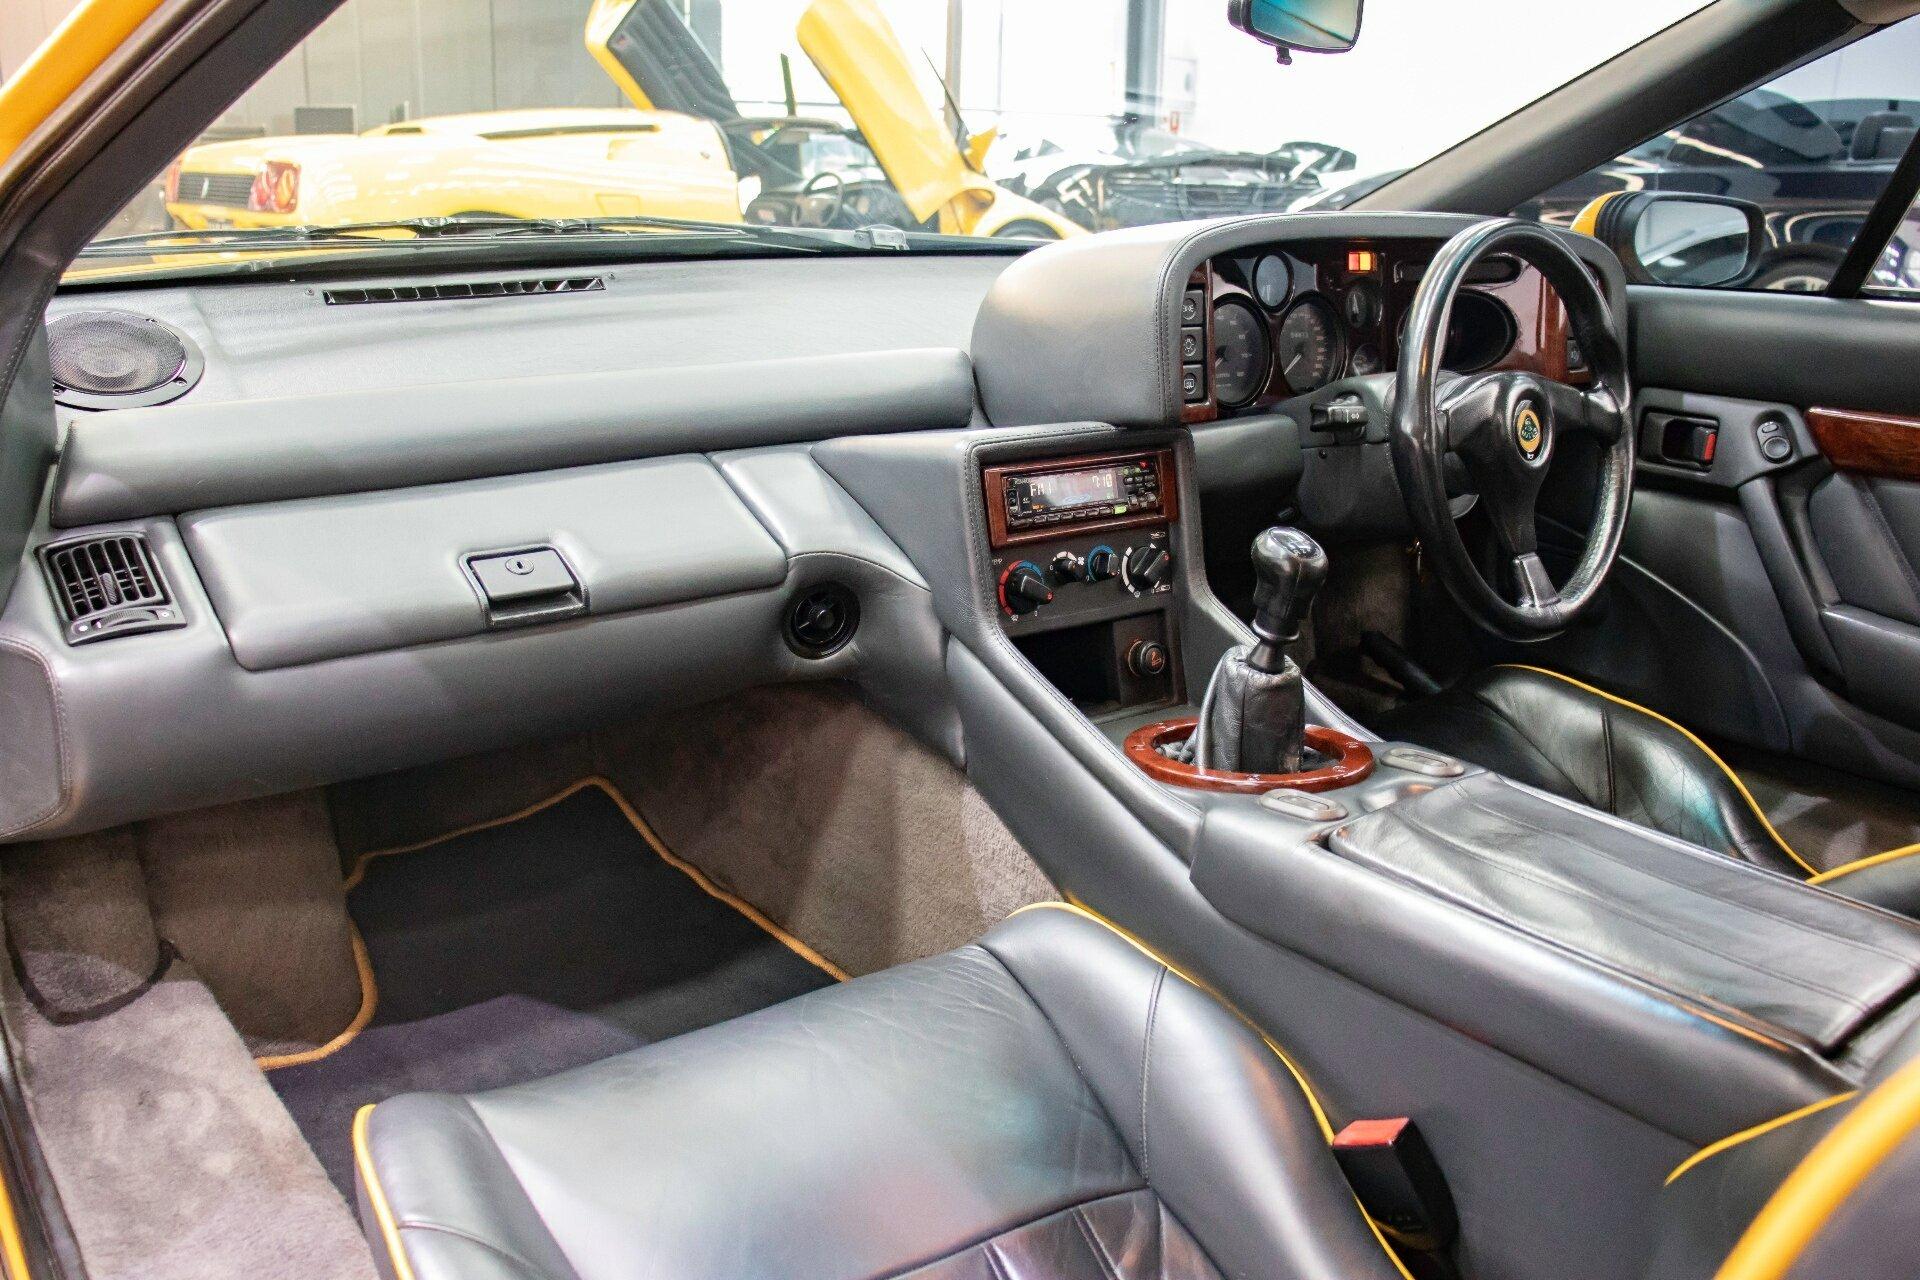 1996 Lotus Esprit S4s